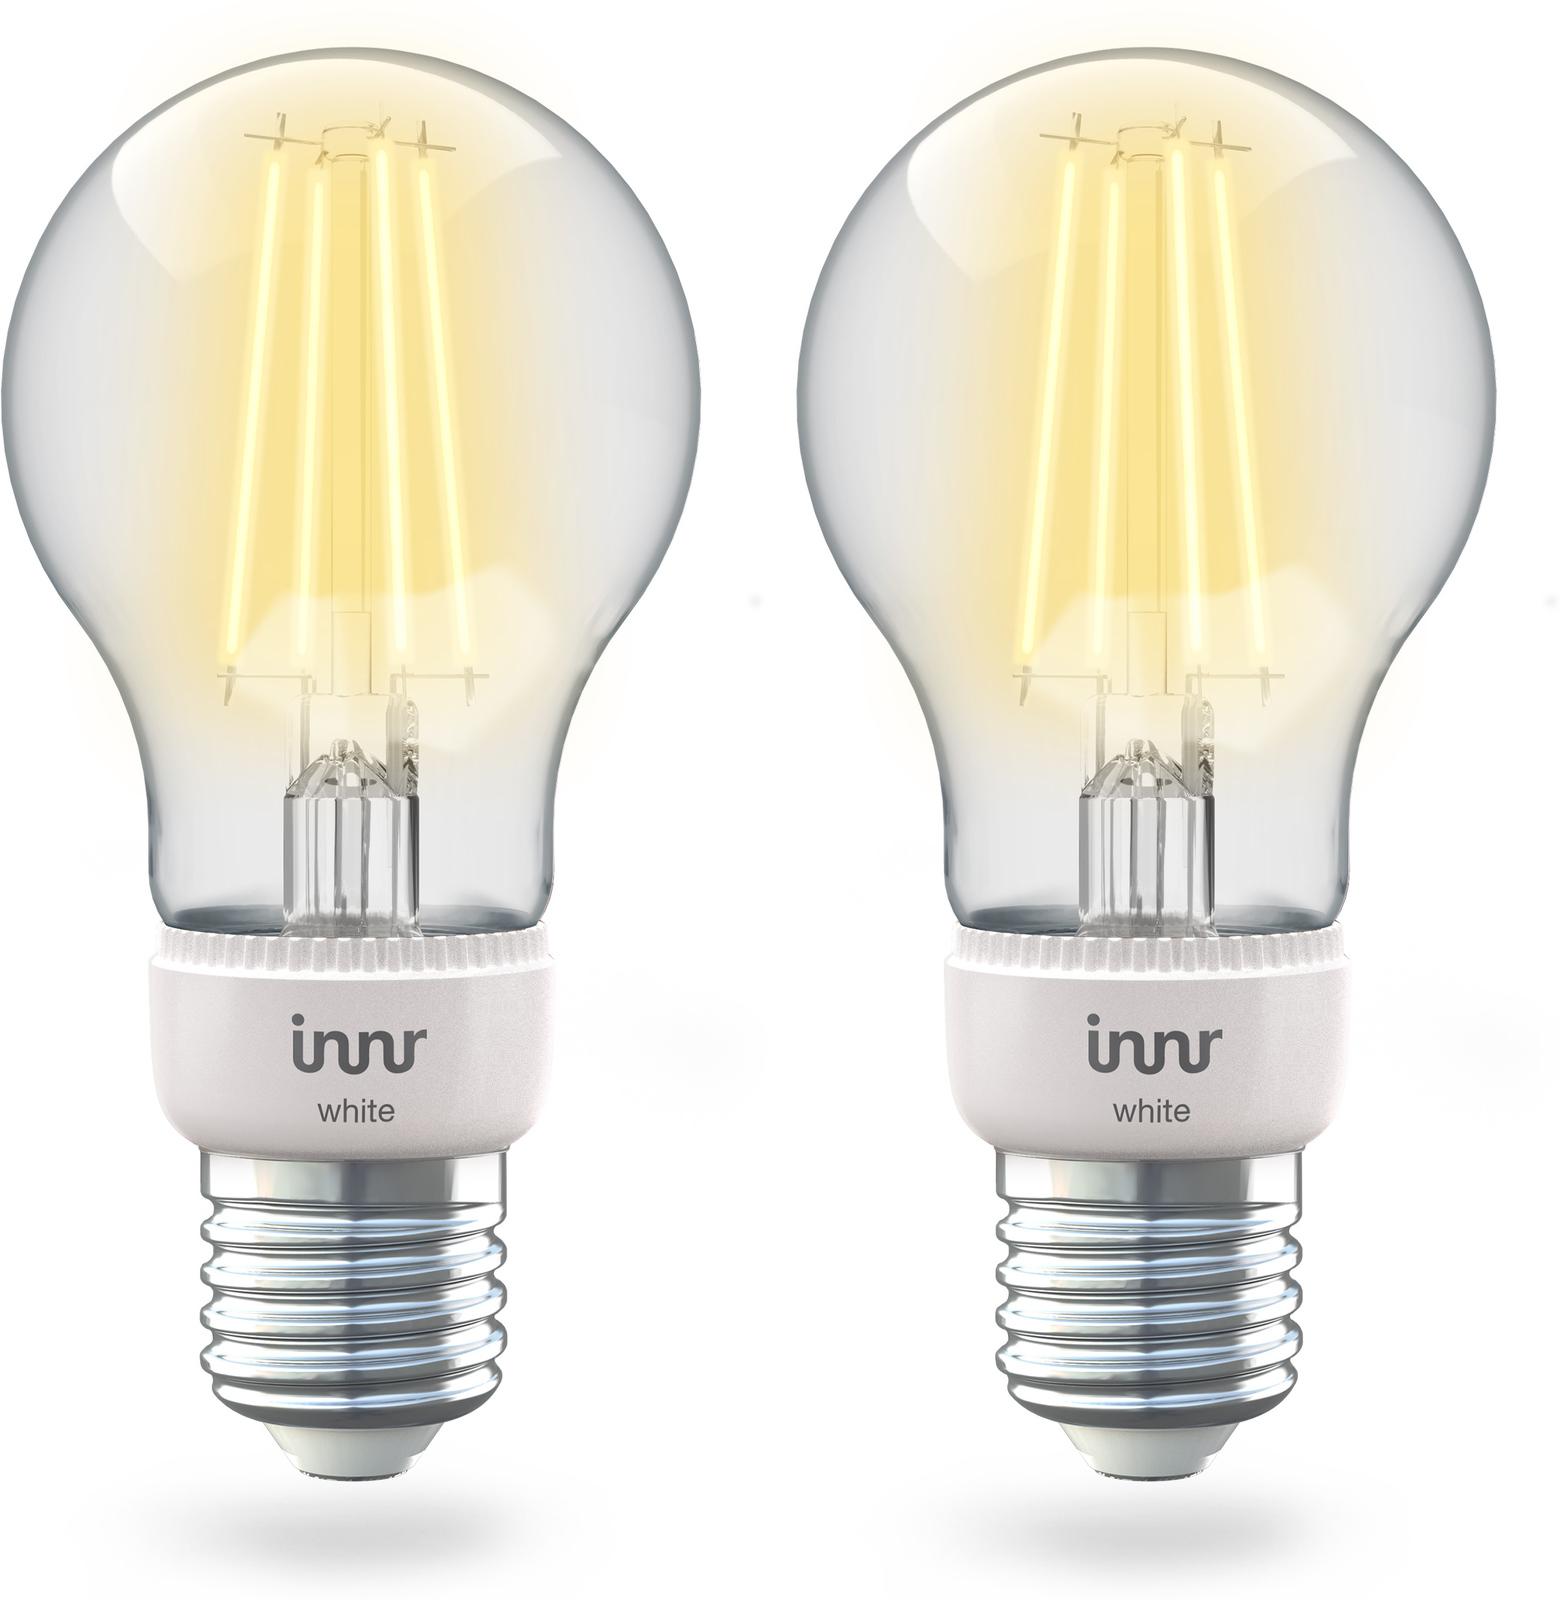 INNR Lighting 2x E27 Smart Filament Bulb White, 2.700K 806lm Z3.0 RF 265-2 - eet01